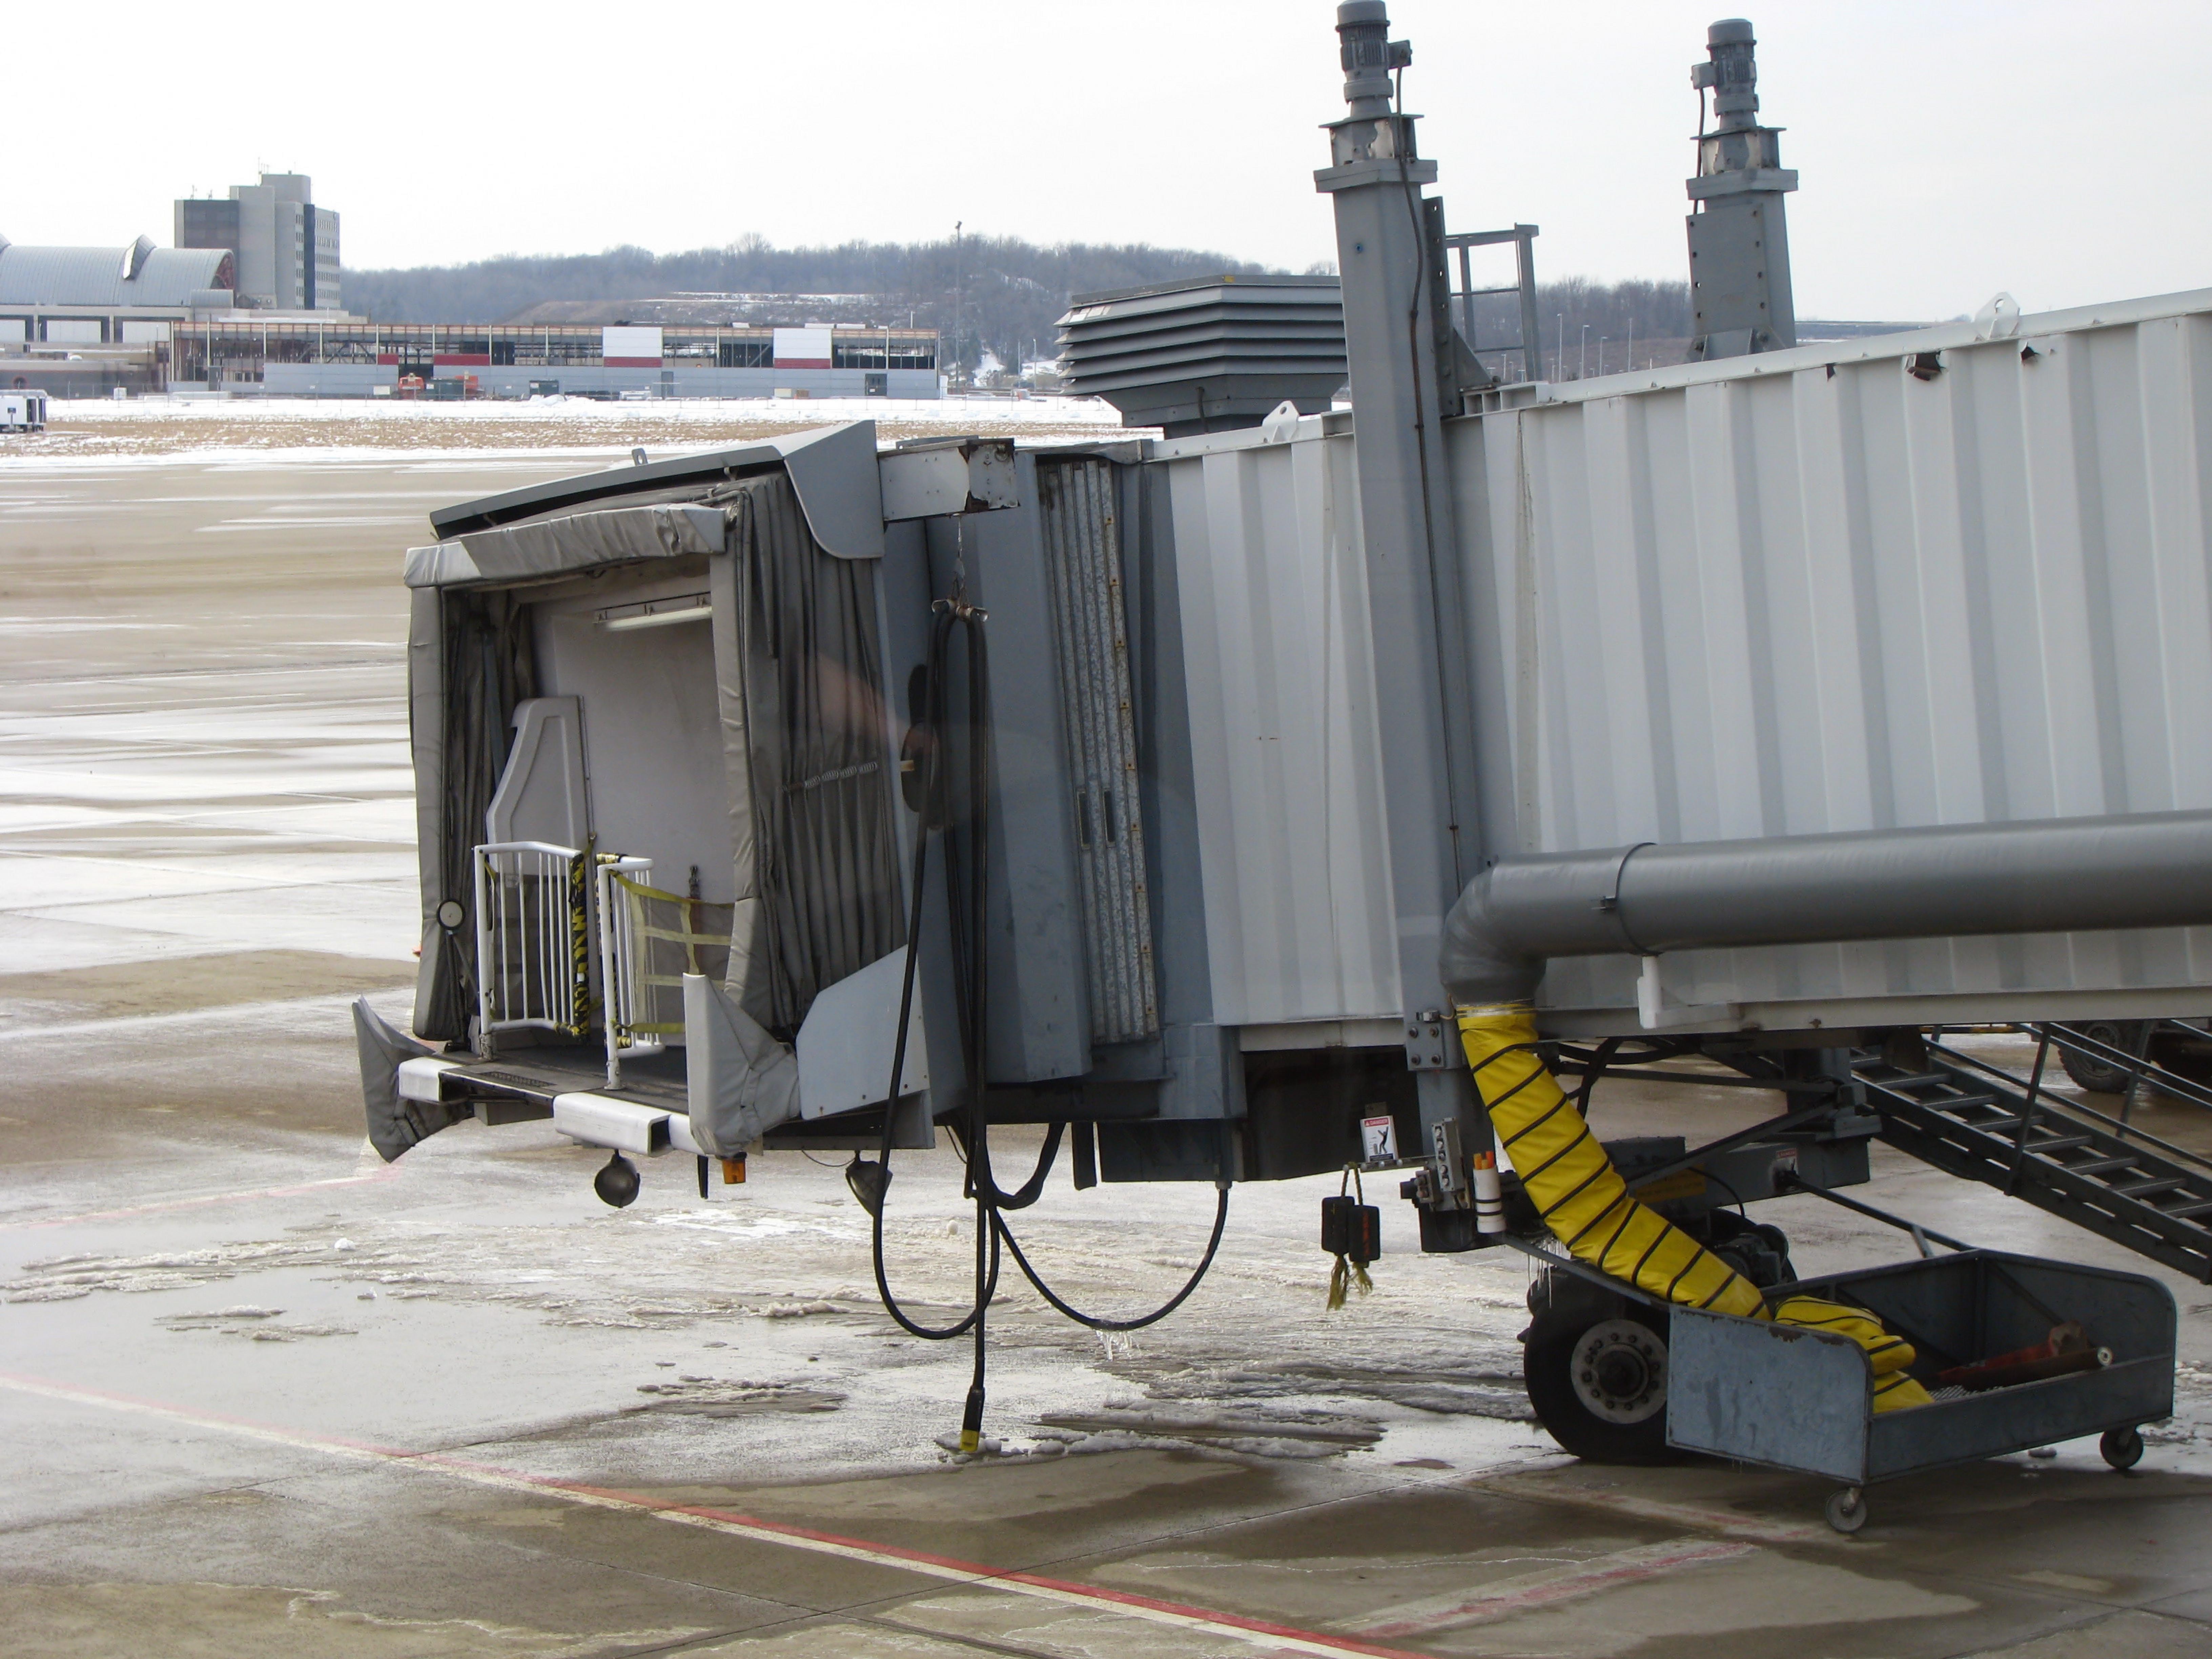 Magnetbremse Flughafen Gangway Hersteller PRECIMA